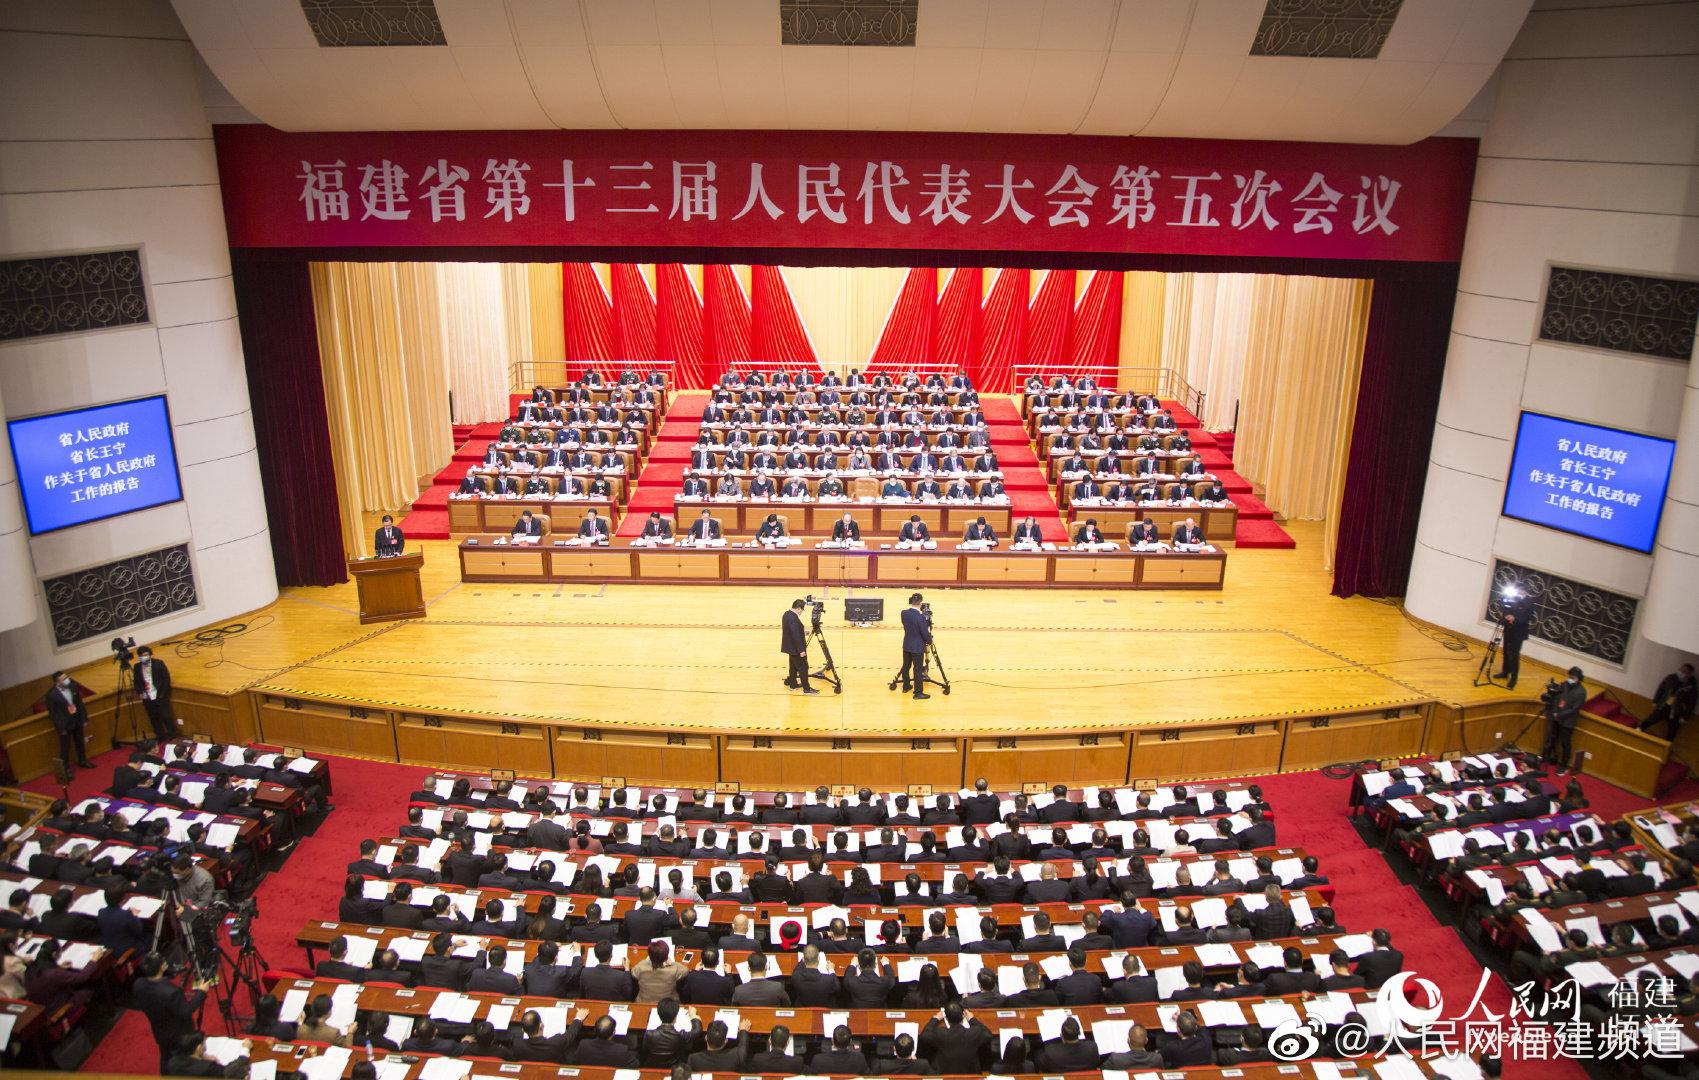 福建省十三届人大五次会议开幕 王宁作政府工作报告